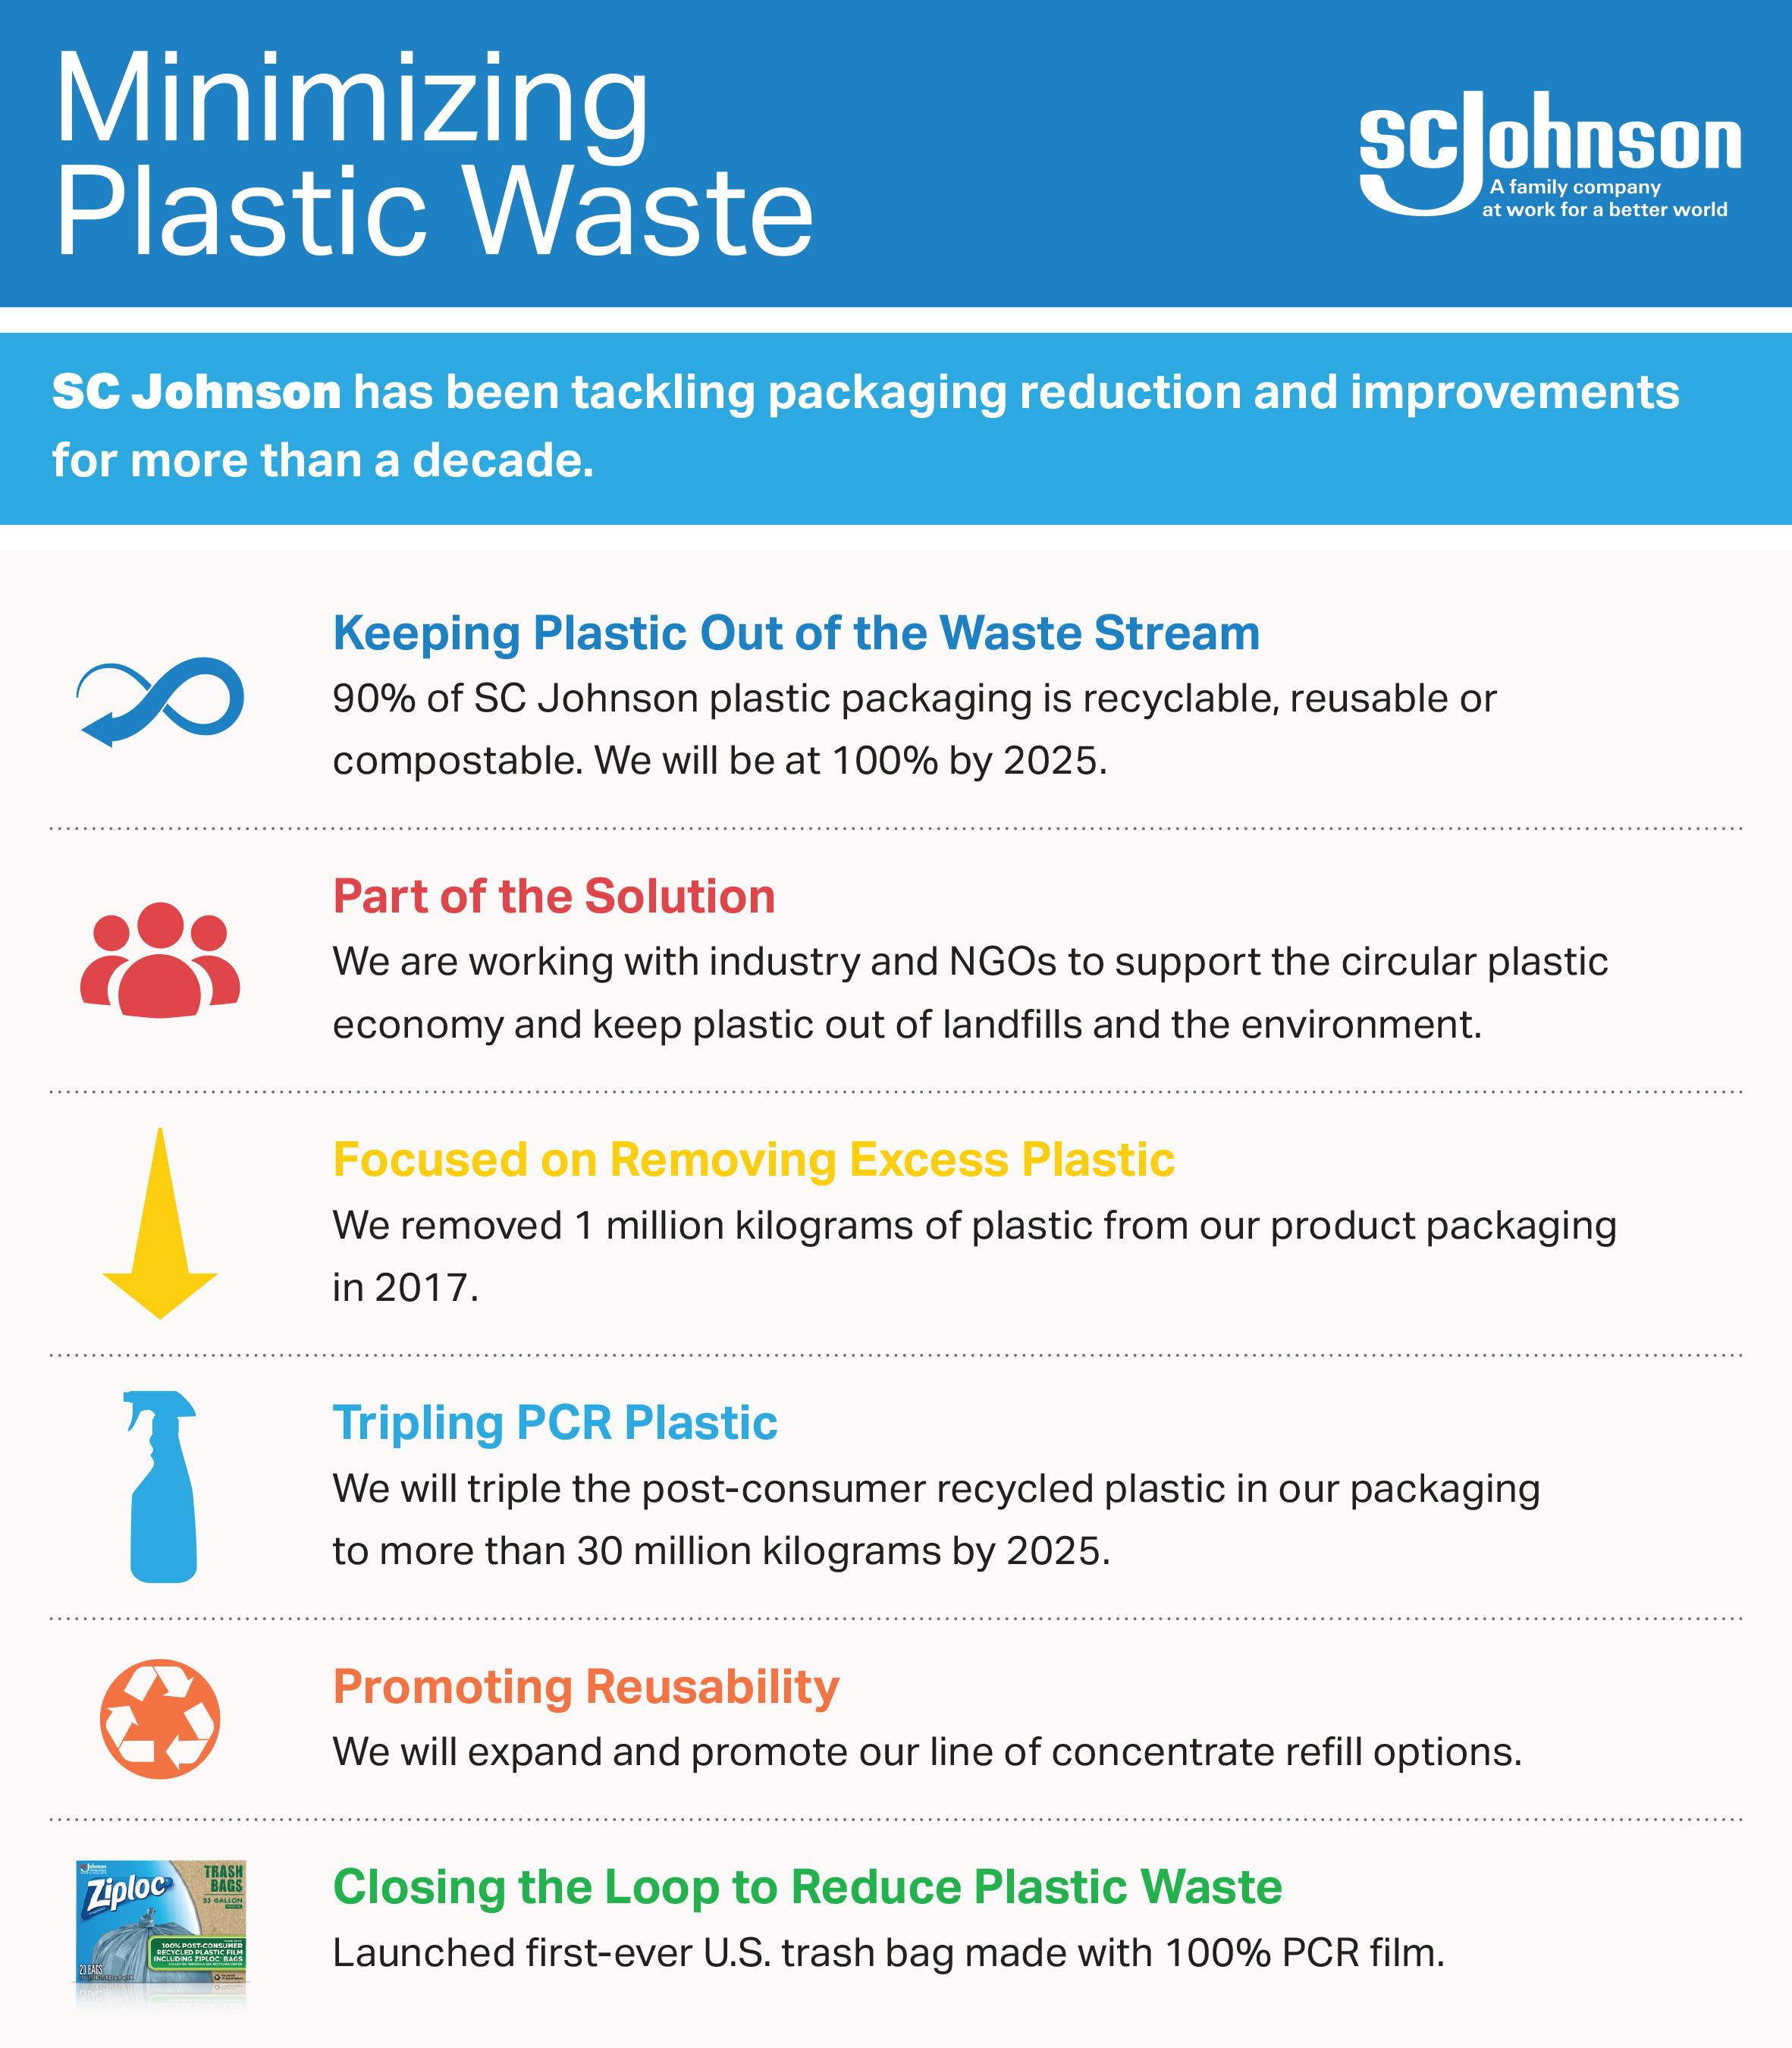 Minimizing Plastic Waste